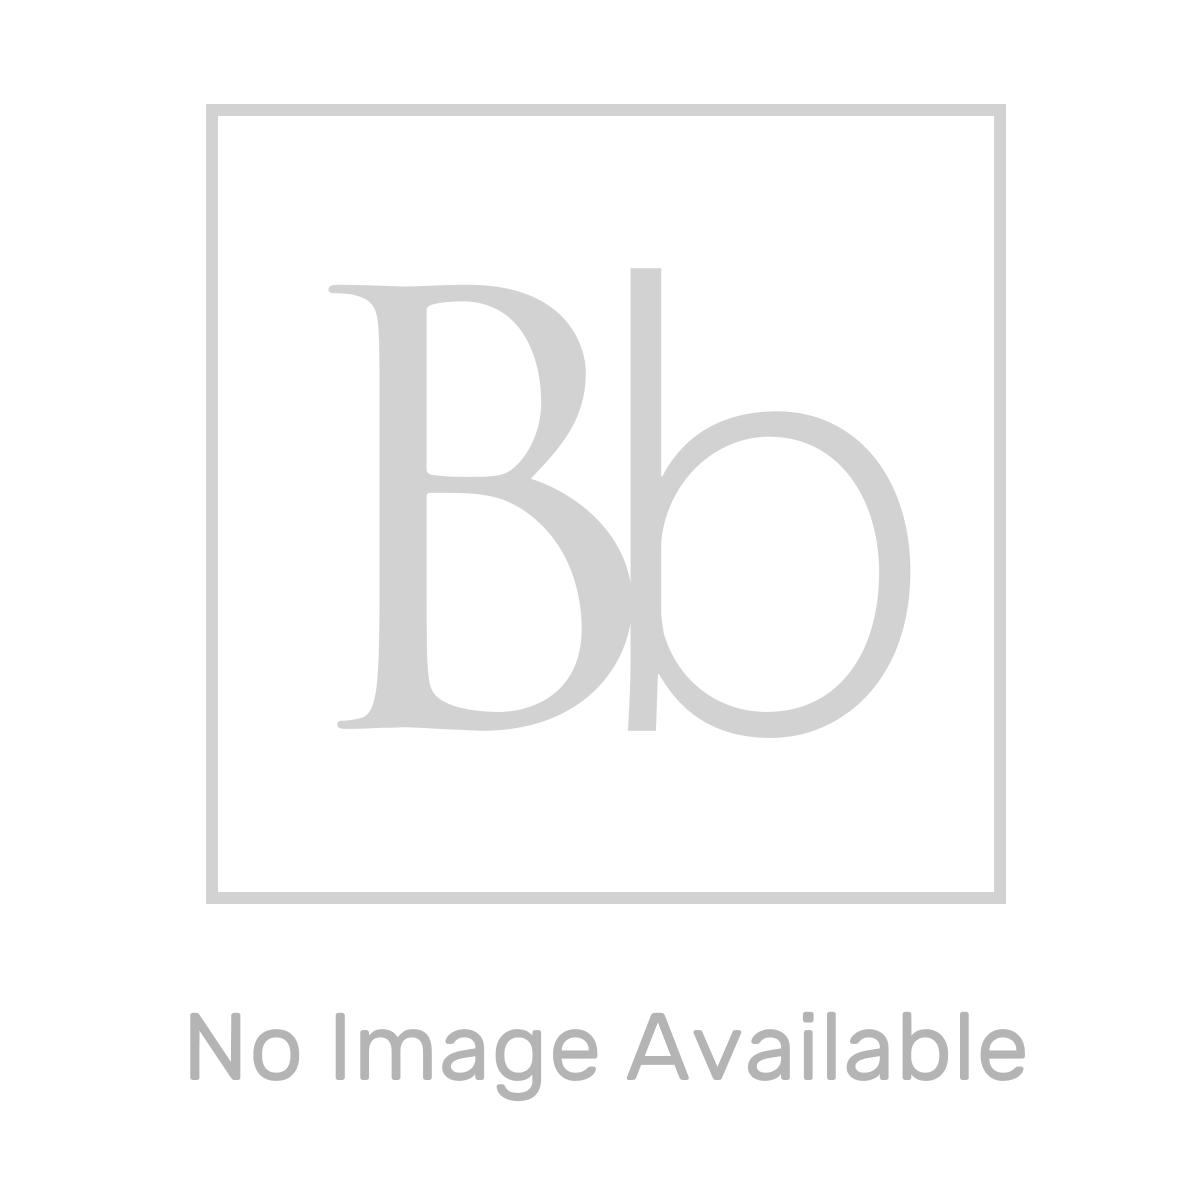 Nuie Athena Grey Avola 2 Door Floor Standing Vanity Unit with 40mm Profile Basin 500mm